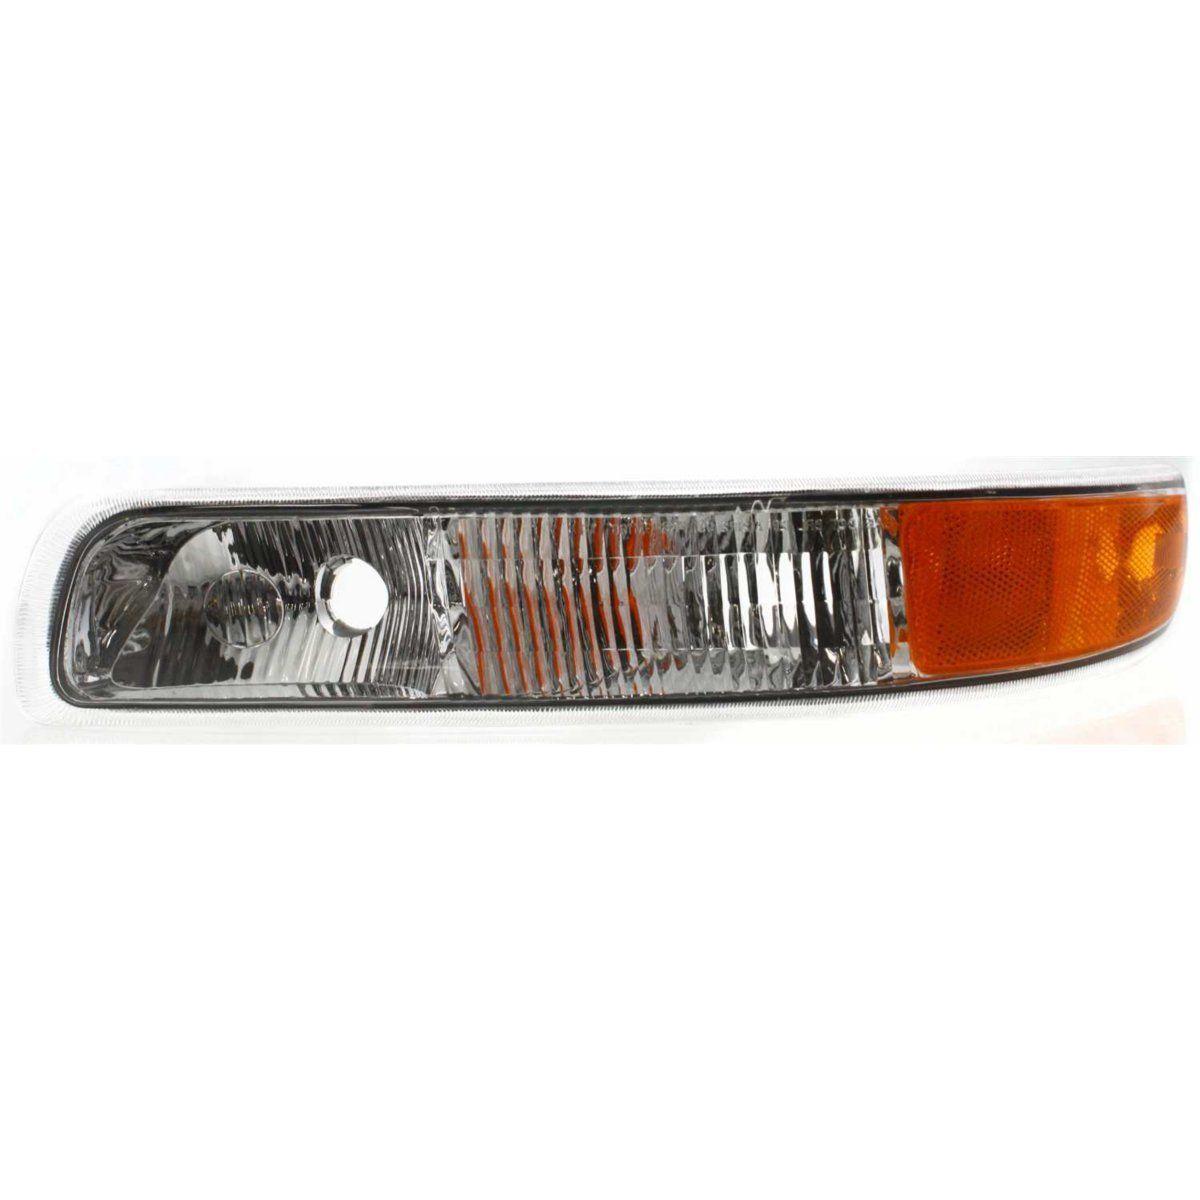 コーナーライト Parking Light For 99-2002 Chevrolet Silverado 1500 Driver Side 99-2002シボレーSilverado 1500ドライバーのための駐車ライト